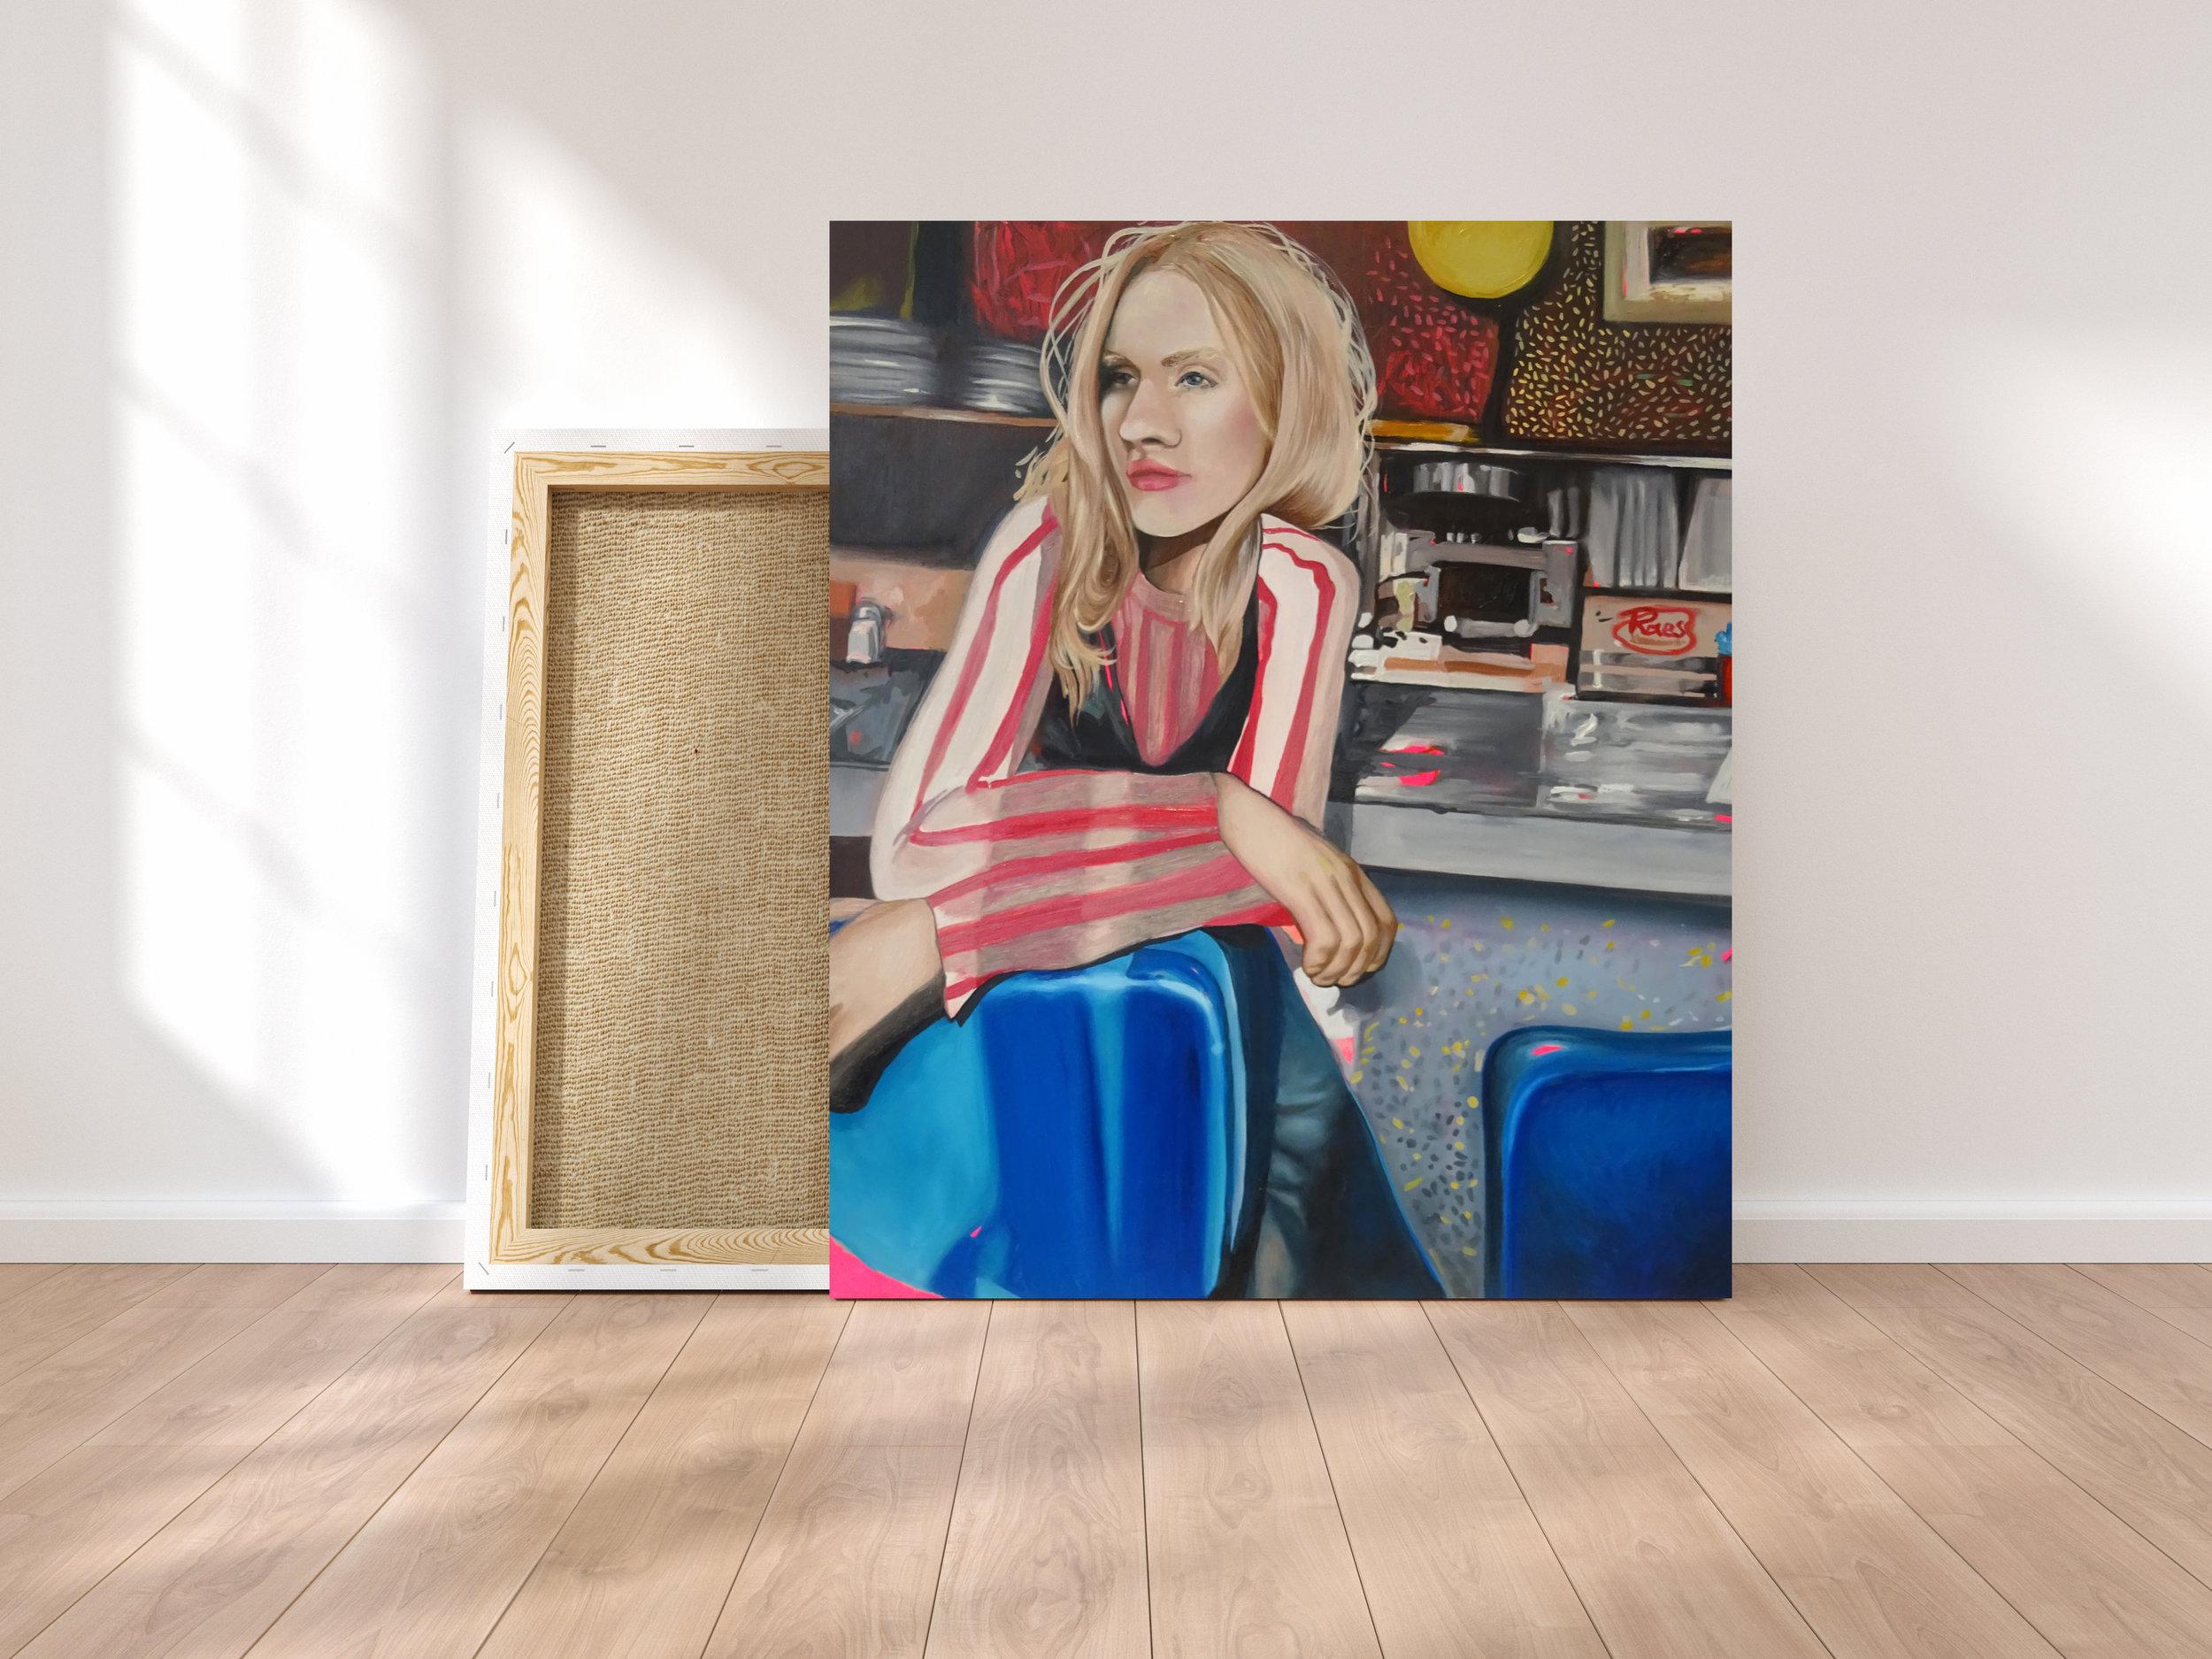 Acrylic & Oil on Wood, 60.5 x 50.5 cm - raspberry rae (2019)